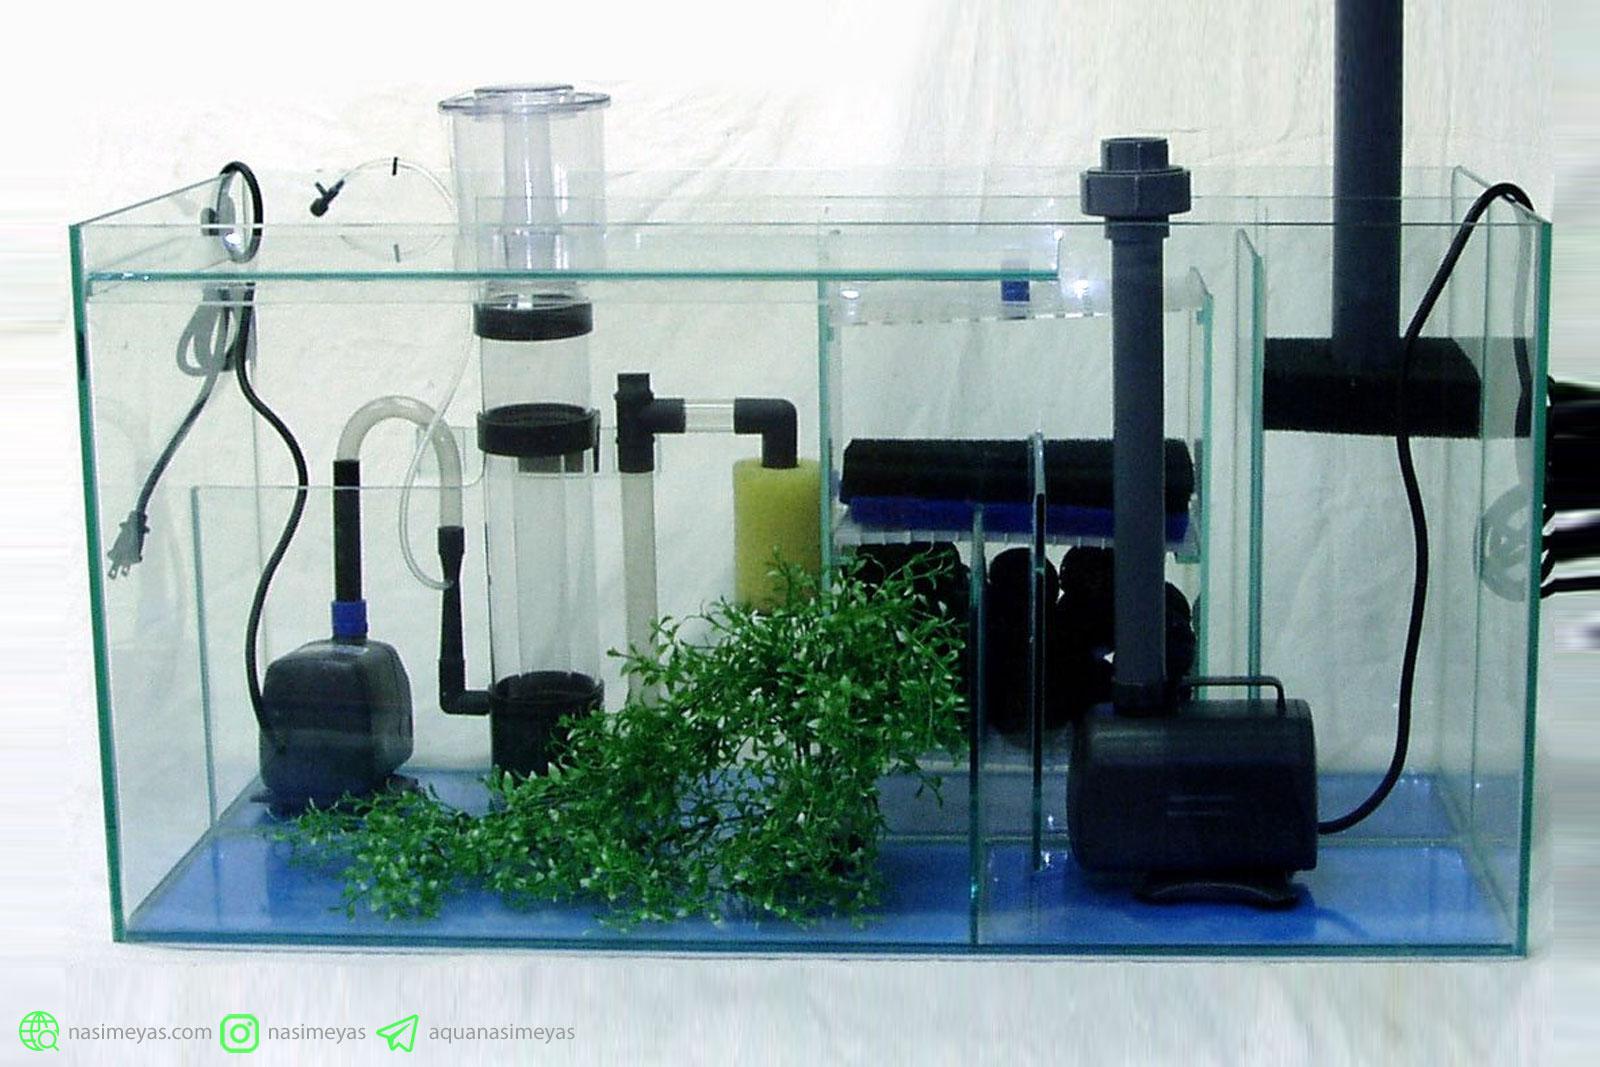 انواع فیلتر های آکواریوم به صورت تکمیلی و مفهوم چرخه نیتروژن